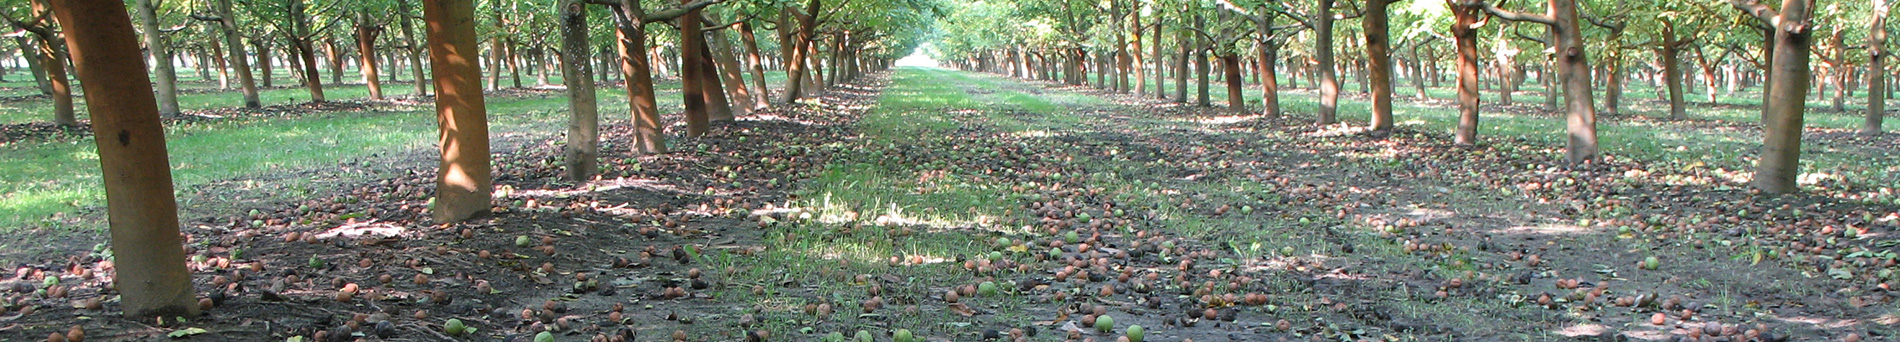 Noceto in Oltrepò Pavese - Alessandria - Pavia - Walnut grove in Oltrepò Pavese - Alessandria - Pavia